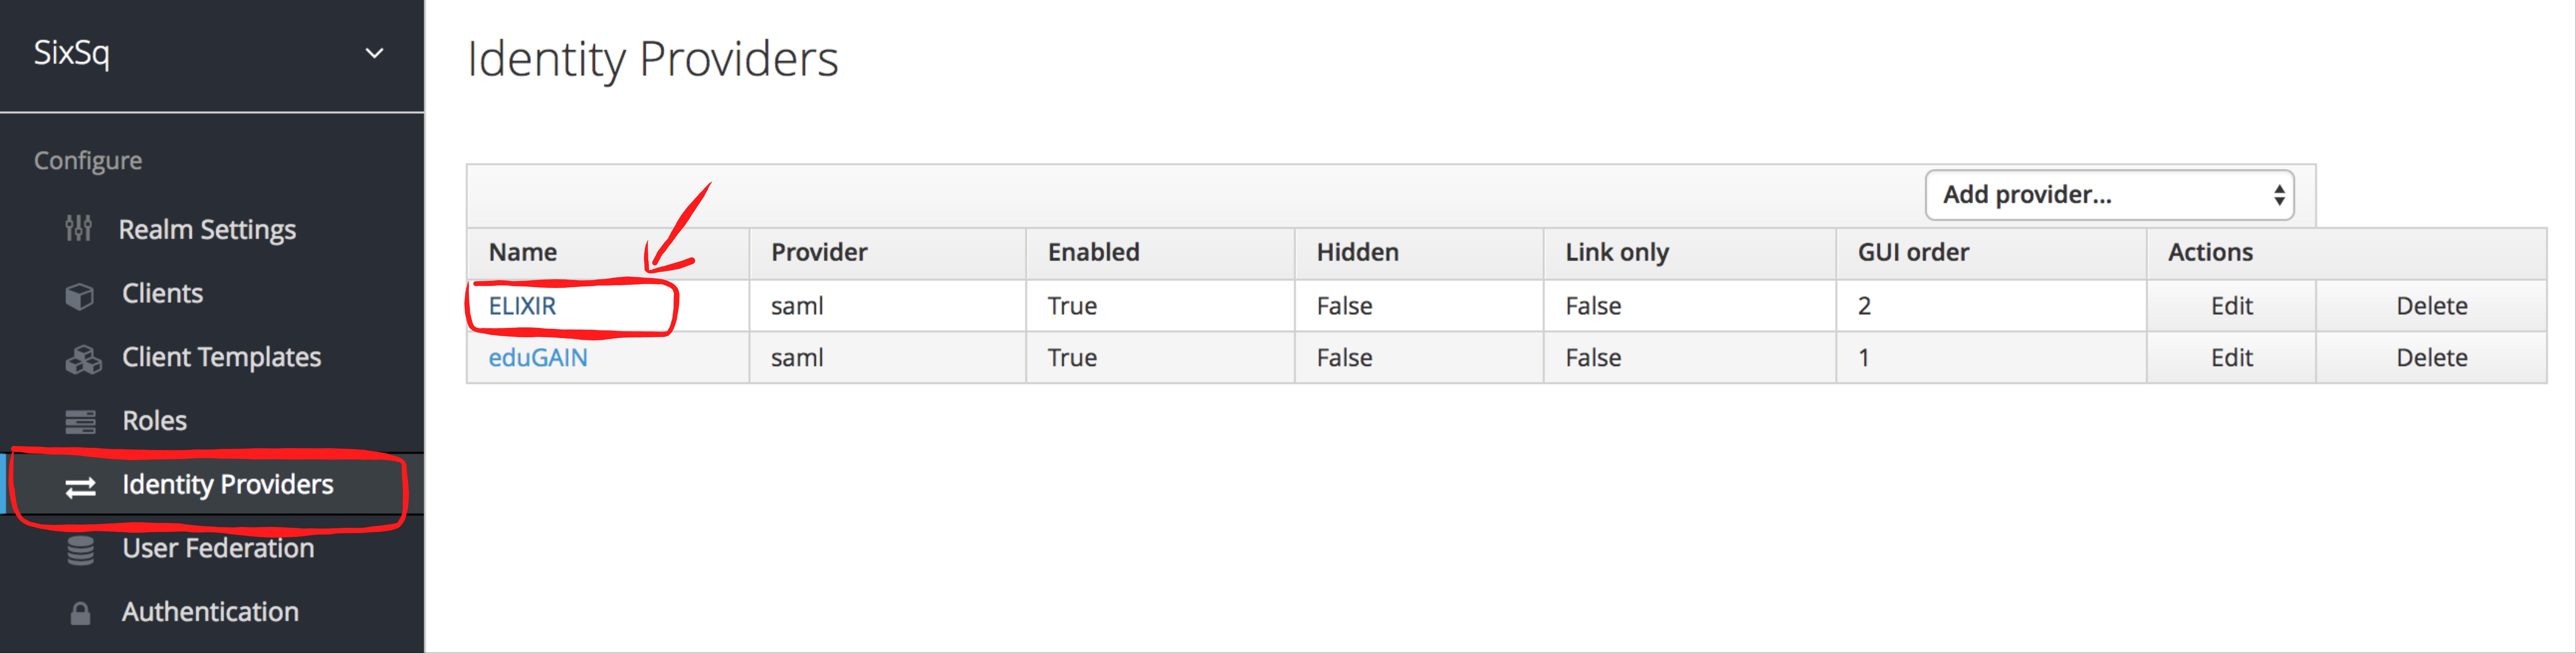 Blocking New User Logins — Rhea Hybrid Cloud Documentation 1 0